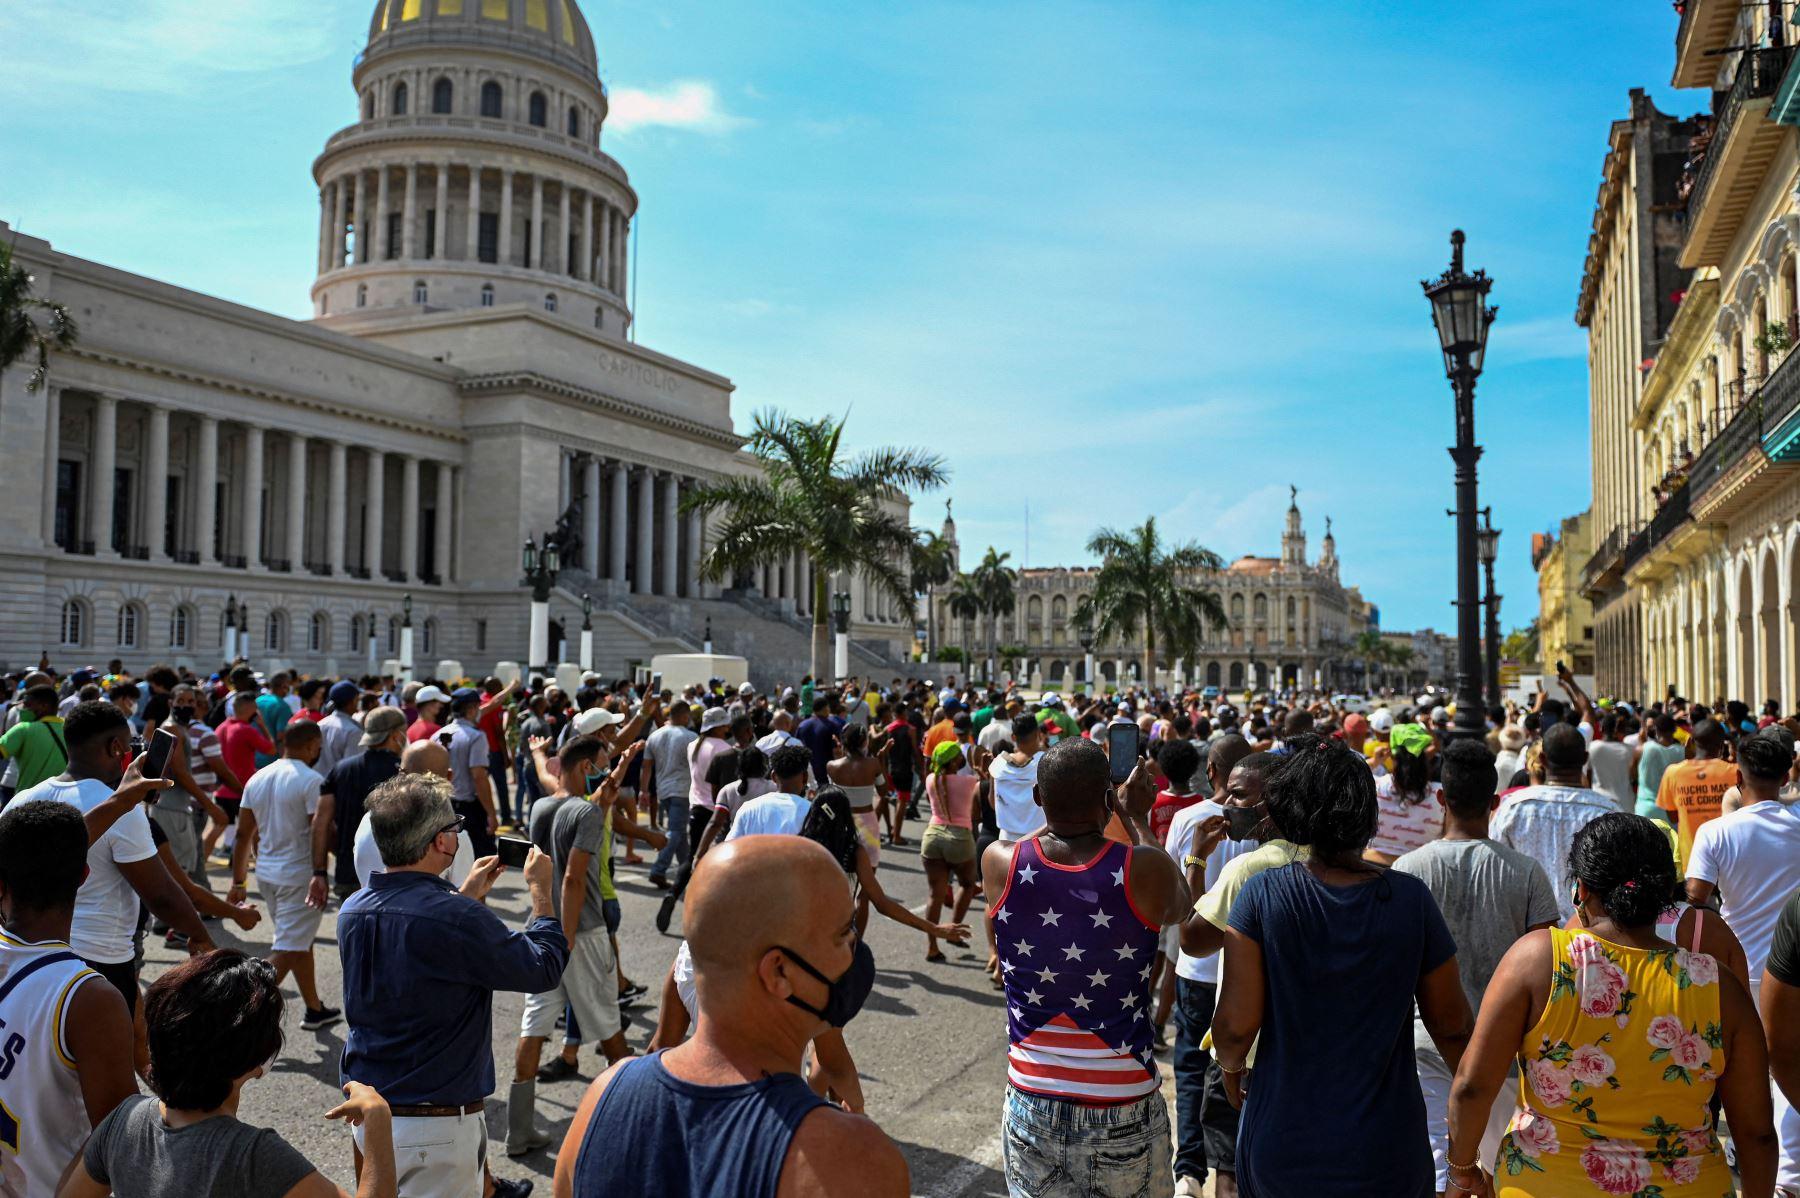 Reportan saqueos en tiendas de divisas en medio de la protesta en Cuba